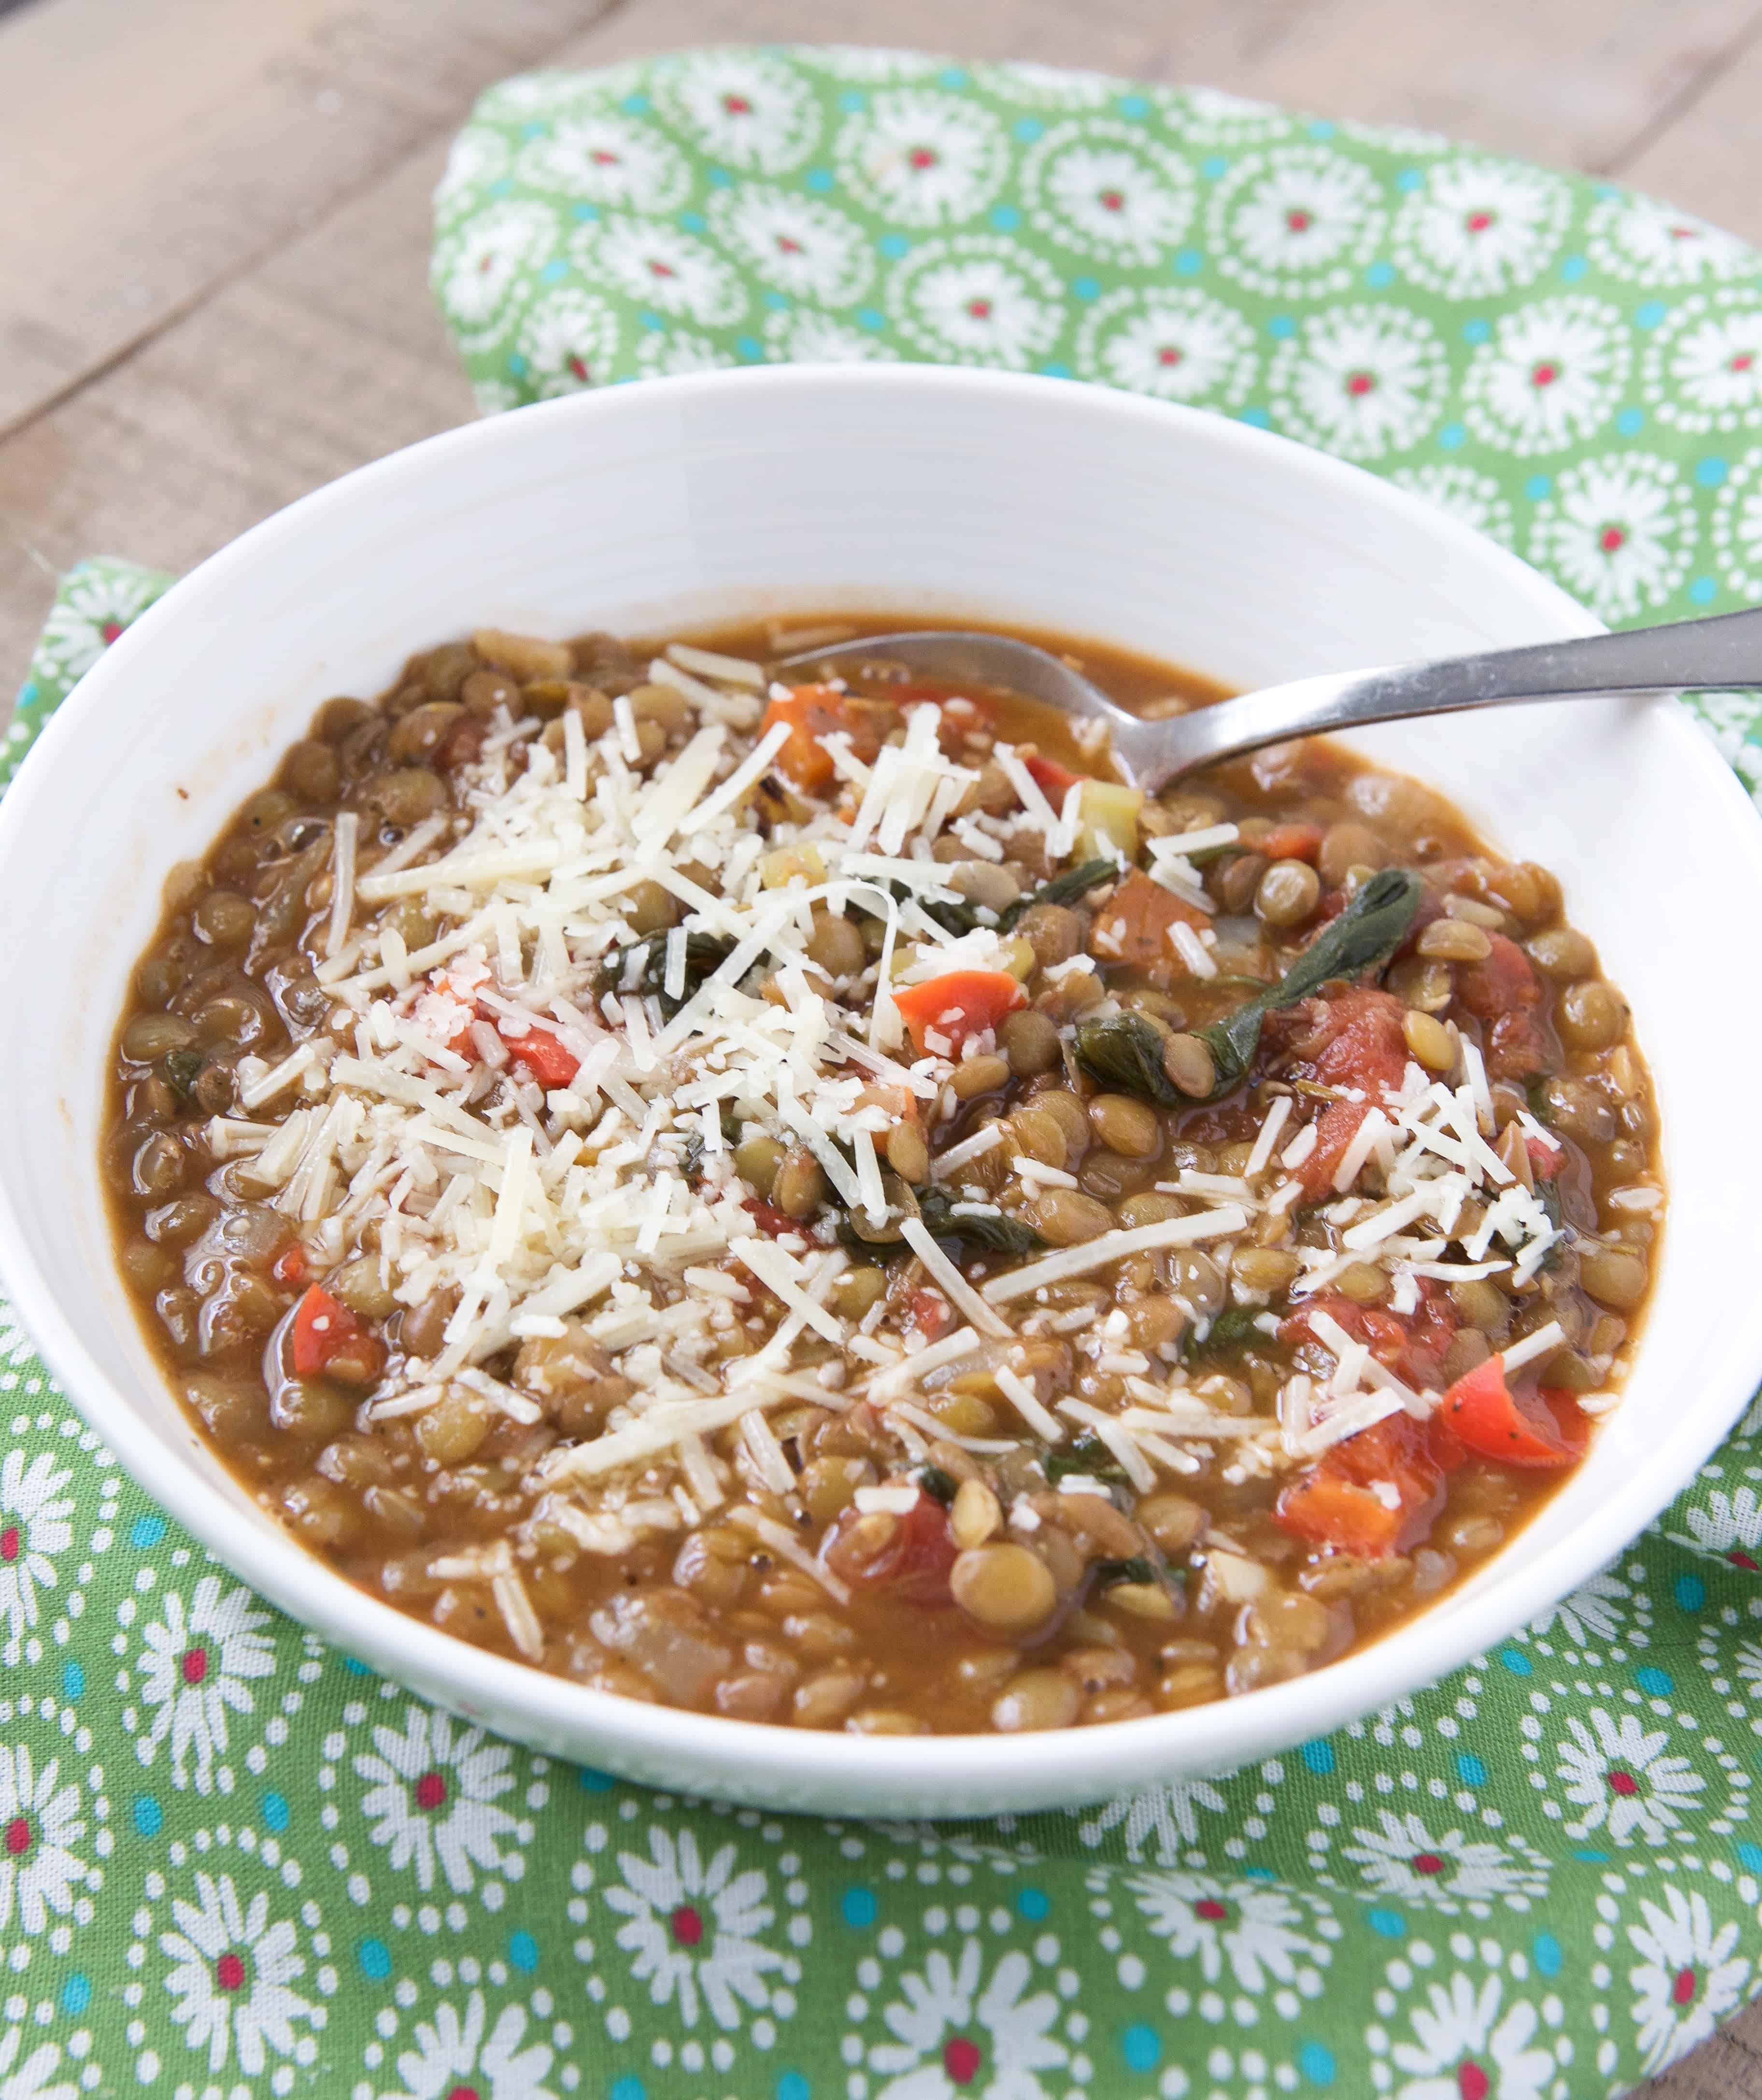 Italian Tomato and Lentil Soup Recipe